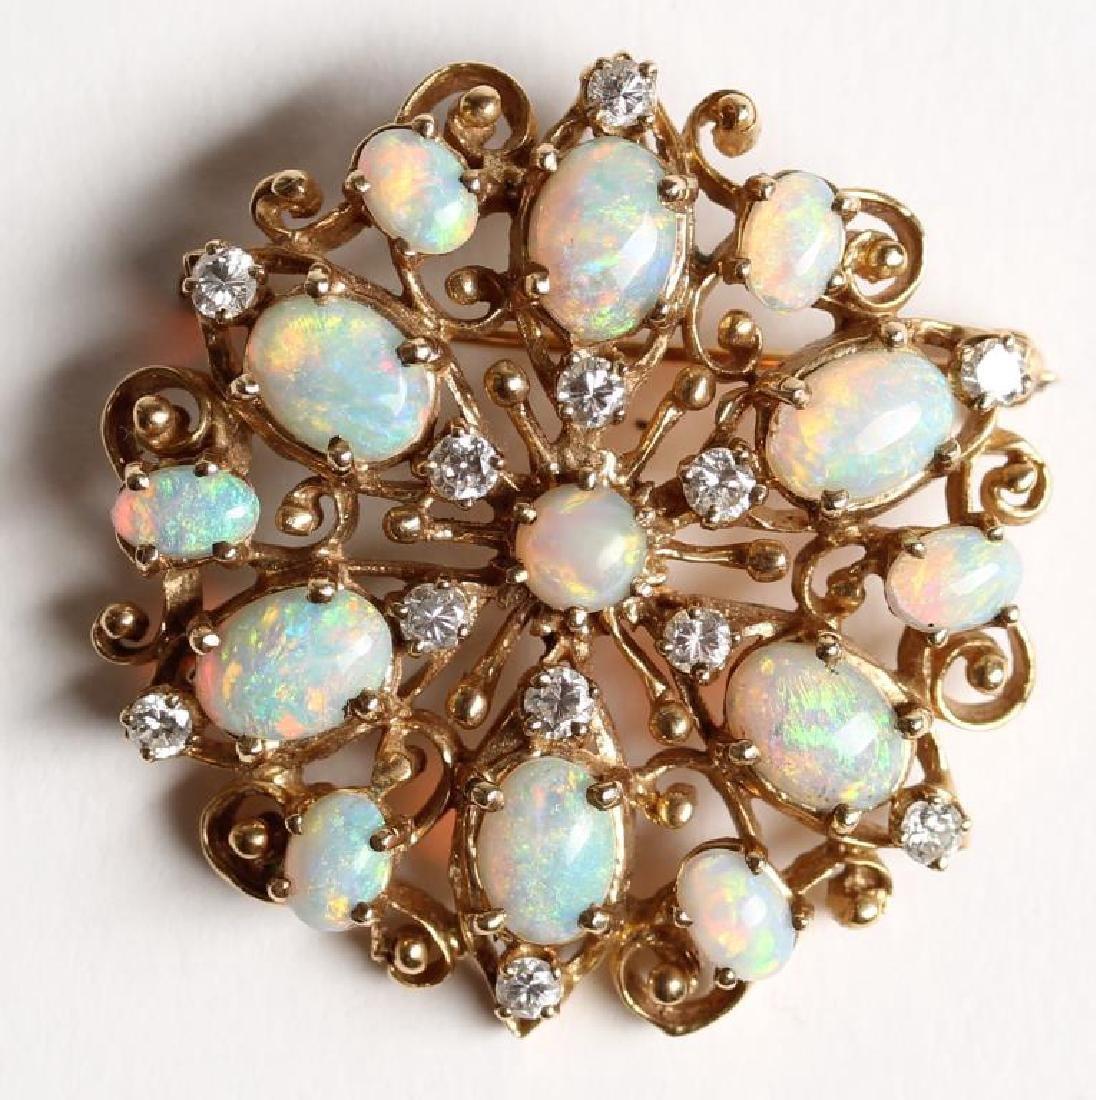 14K Opal & Diamond Pendant Brooch